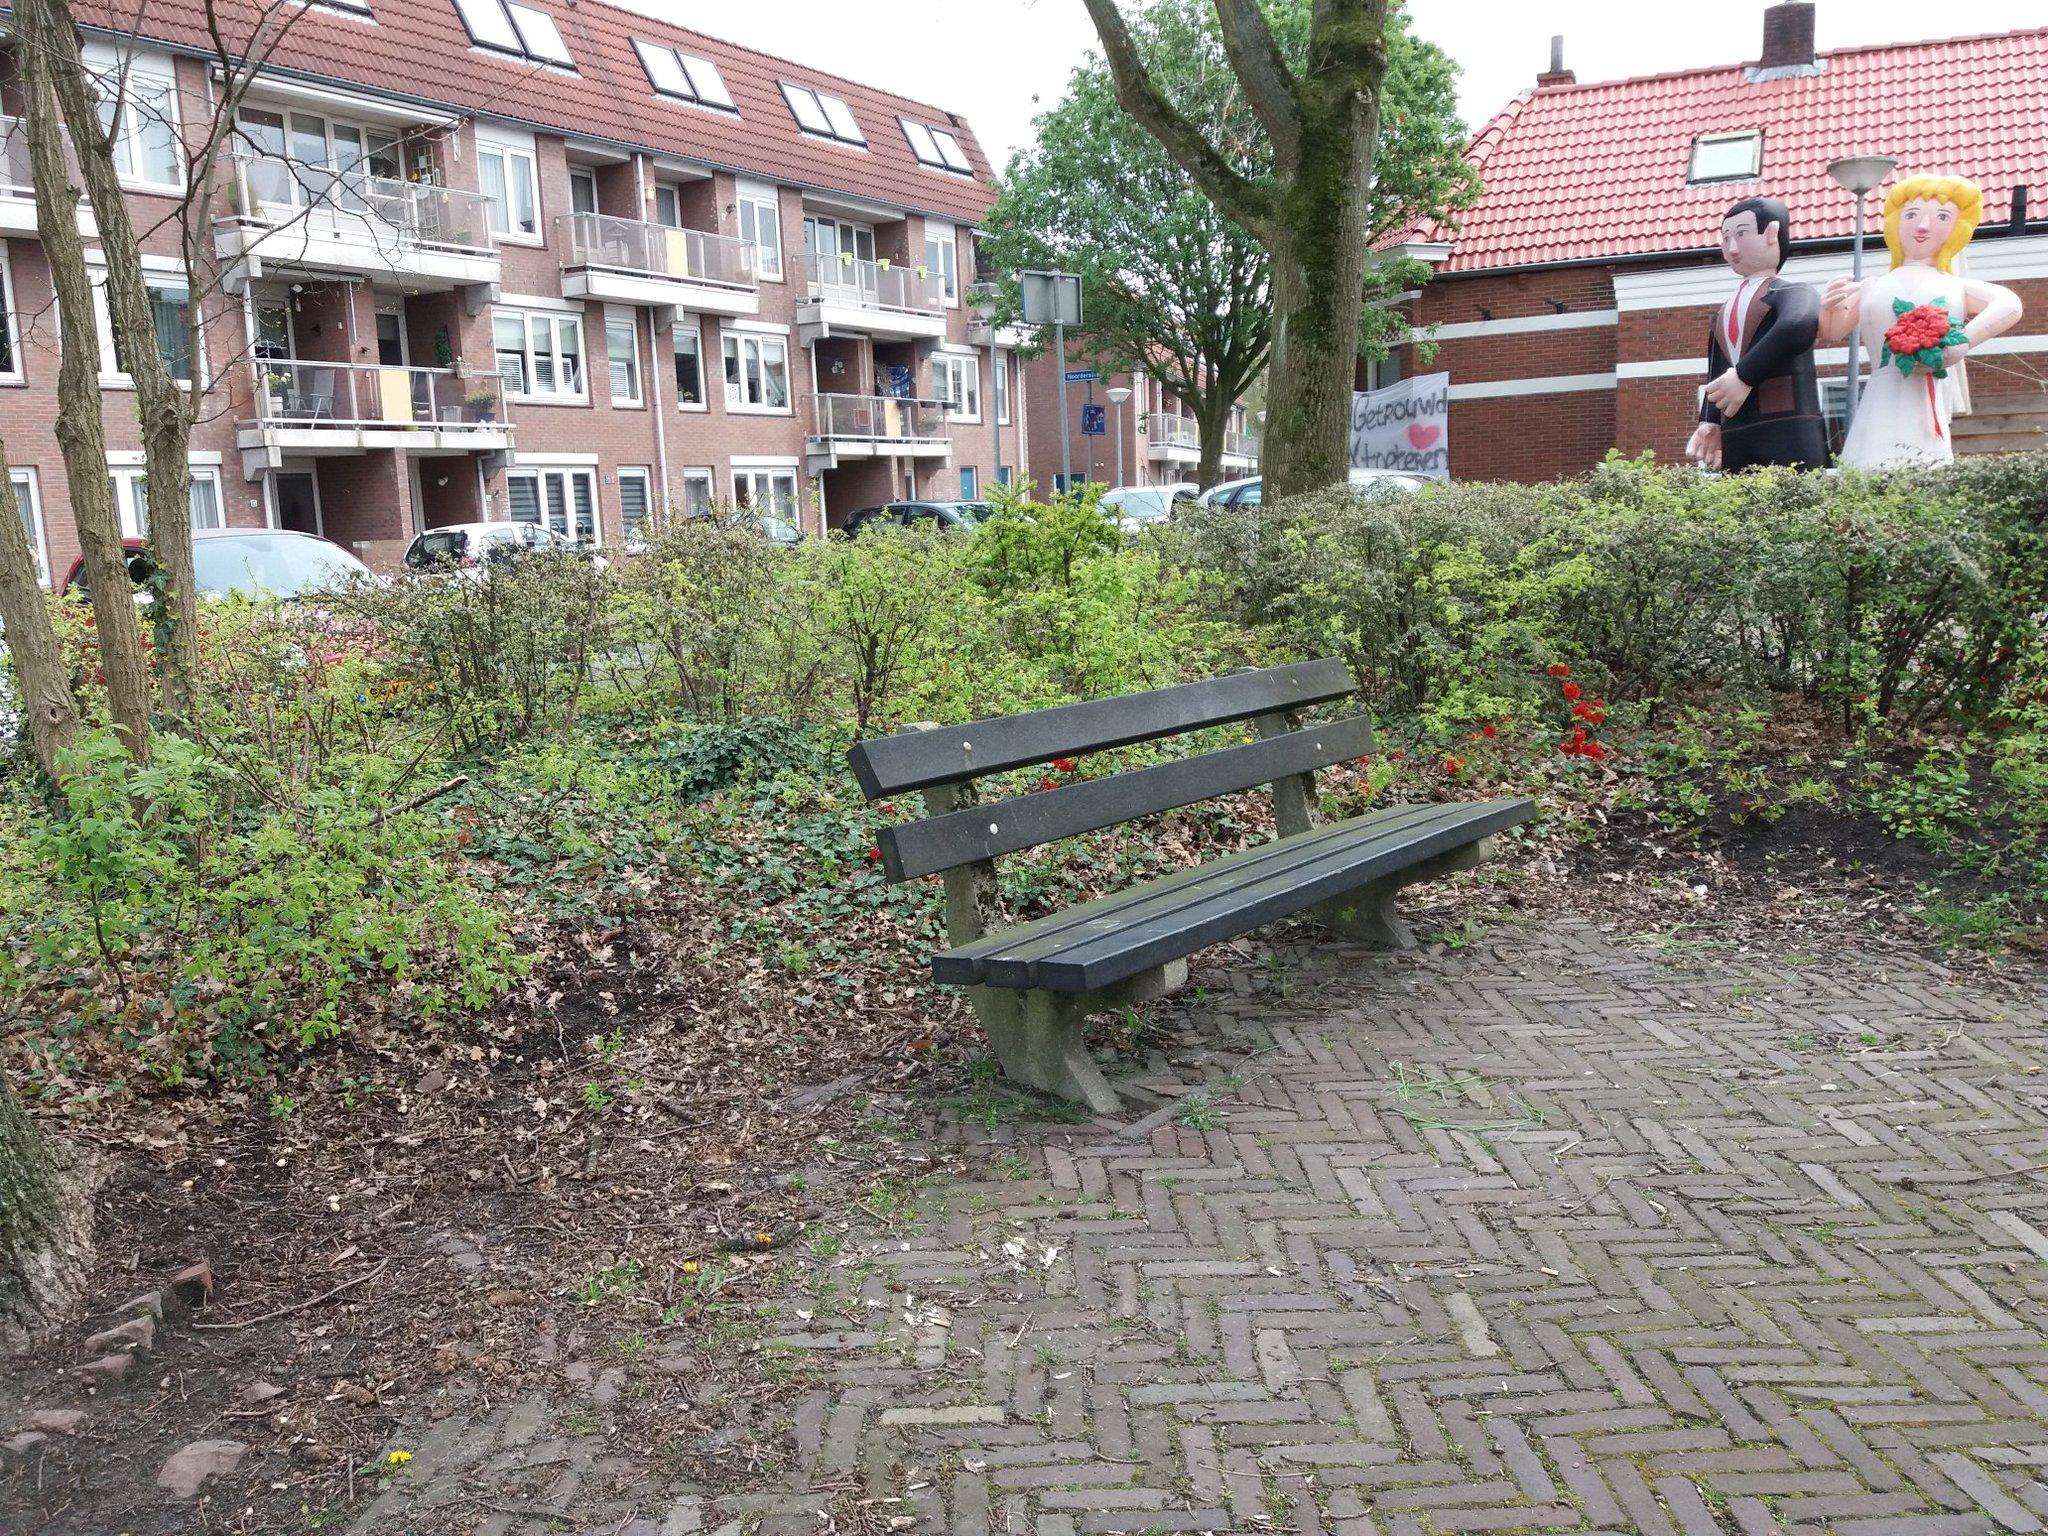 rt-wandelenmetwar-wandelbankjes-te-winschoten-parkeerplaats-olieslagerstraat-https-t-co-bqwxfggdor